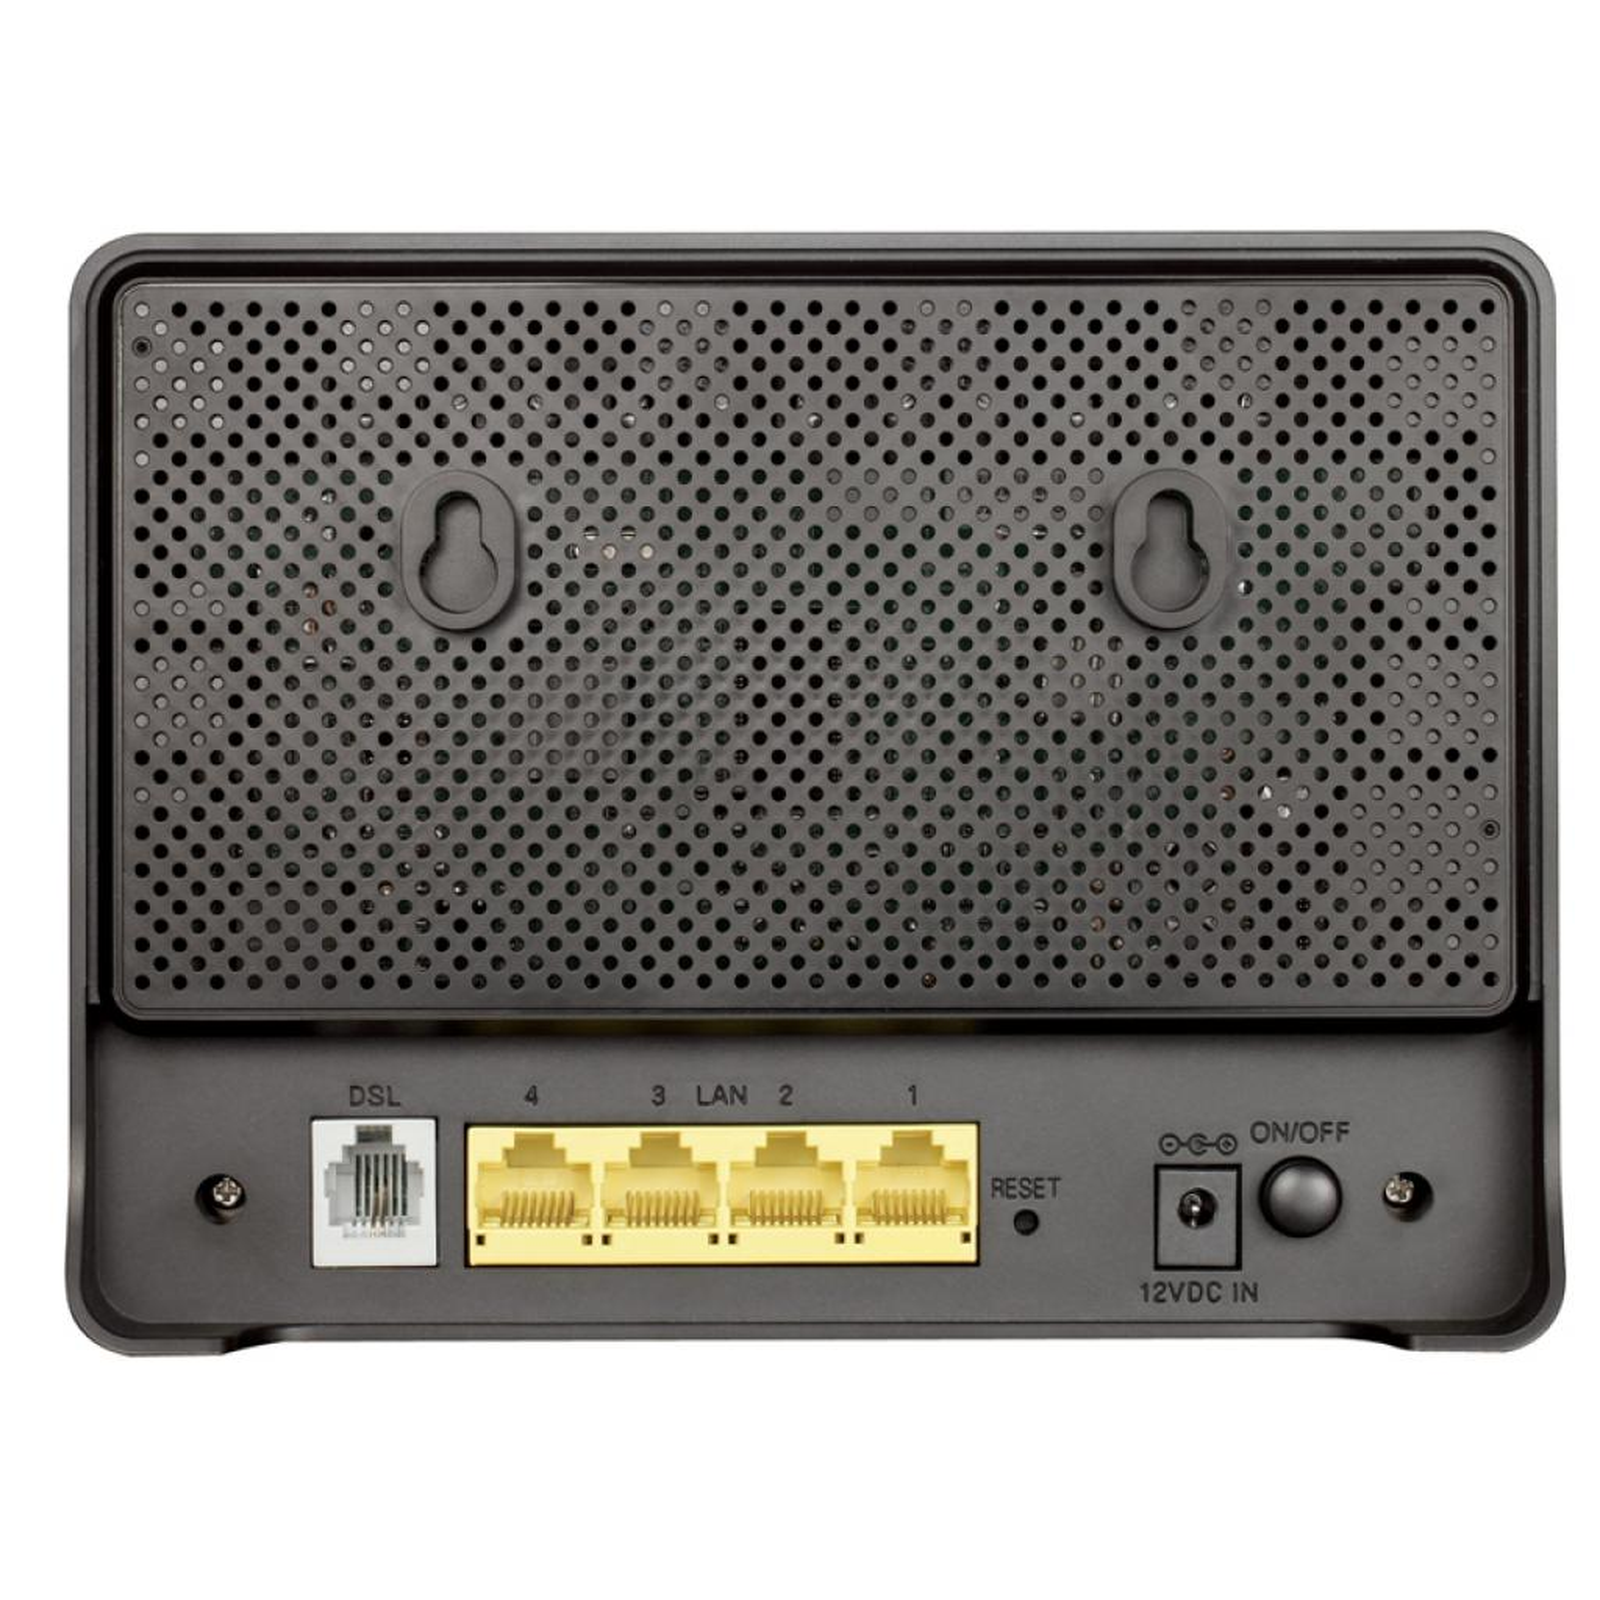 Модем D-Link DSL-2650U/RA/U1A изображение 2